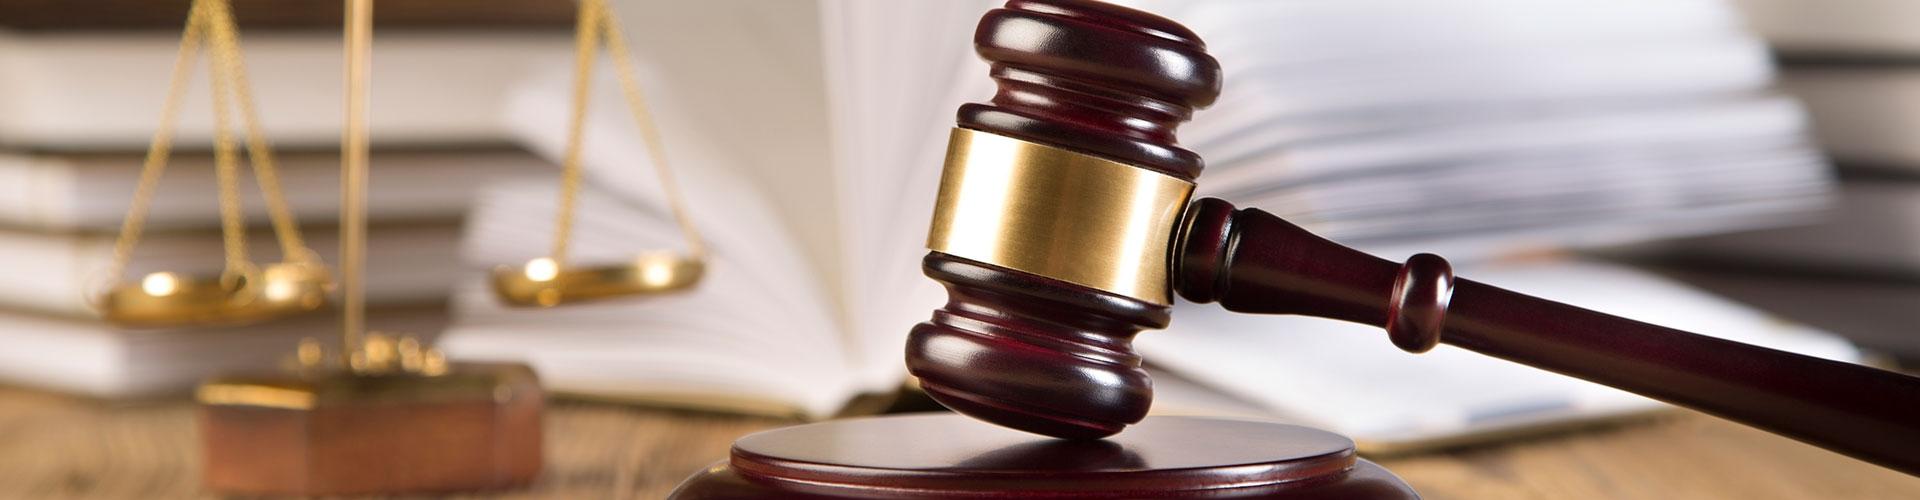 Straf-Rechtsschutz Gewerbe